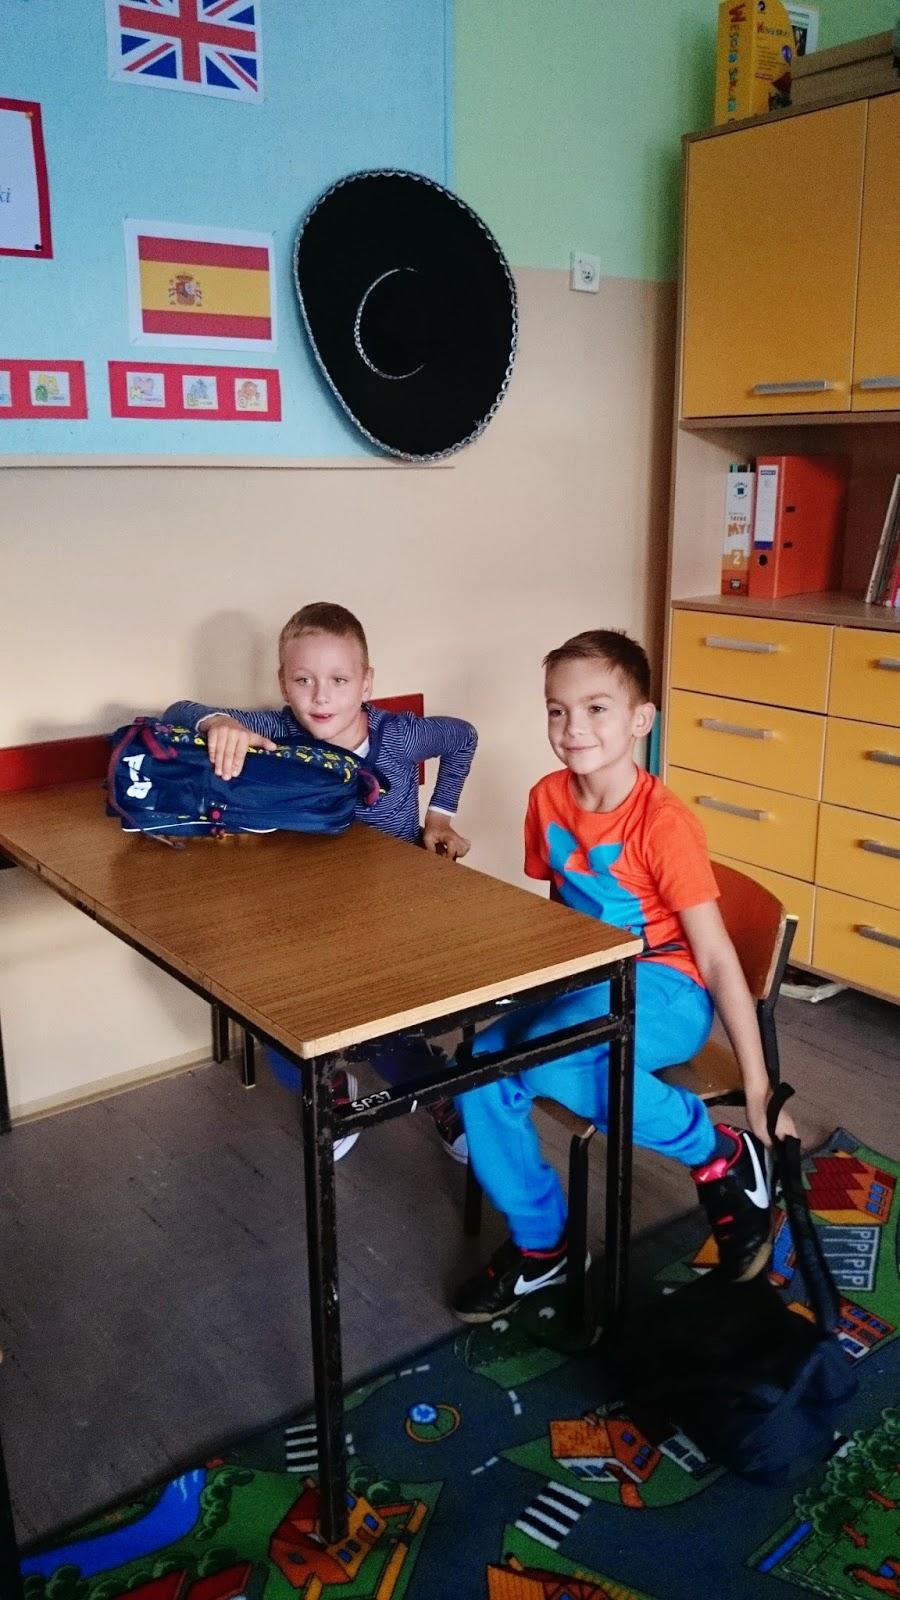 w szkole,6 latki w szkole,jak radzą sobie pierwszoklasiści,szkoła podstawowa,styl w szkole,jak ubierać dziecko do szkoły,pomarańczowy tshirt